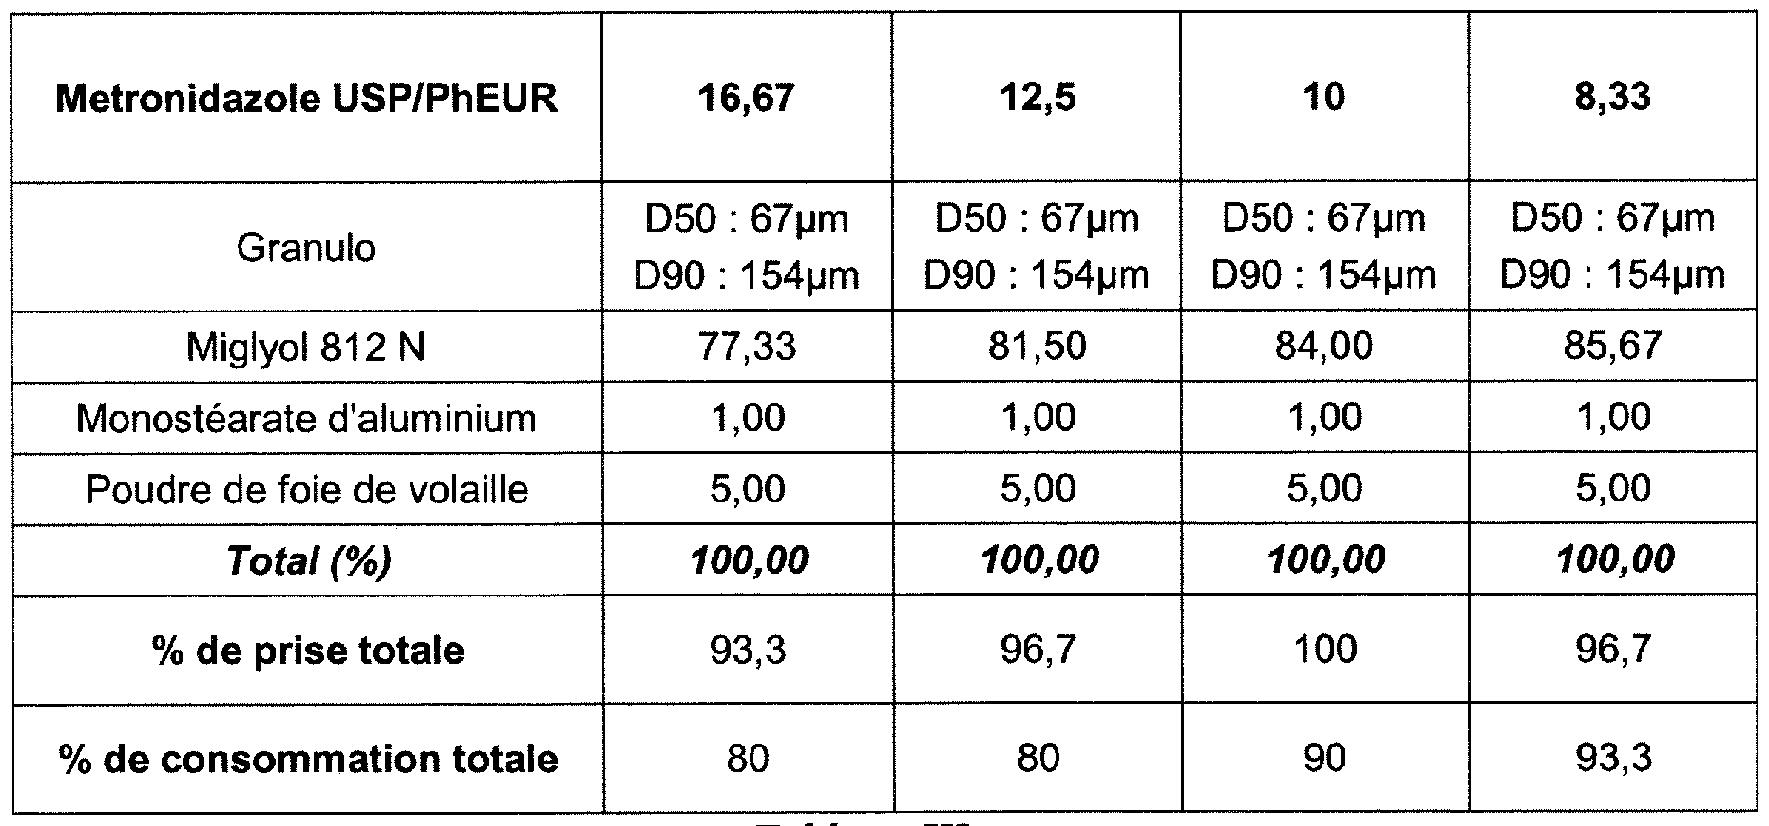 motilium 10 mg indicaciones